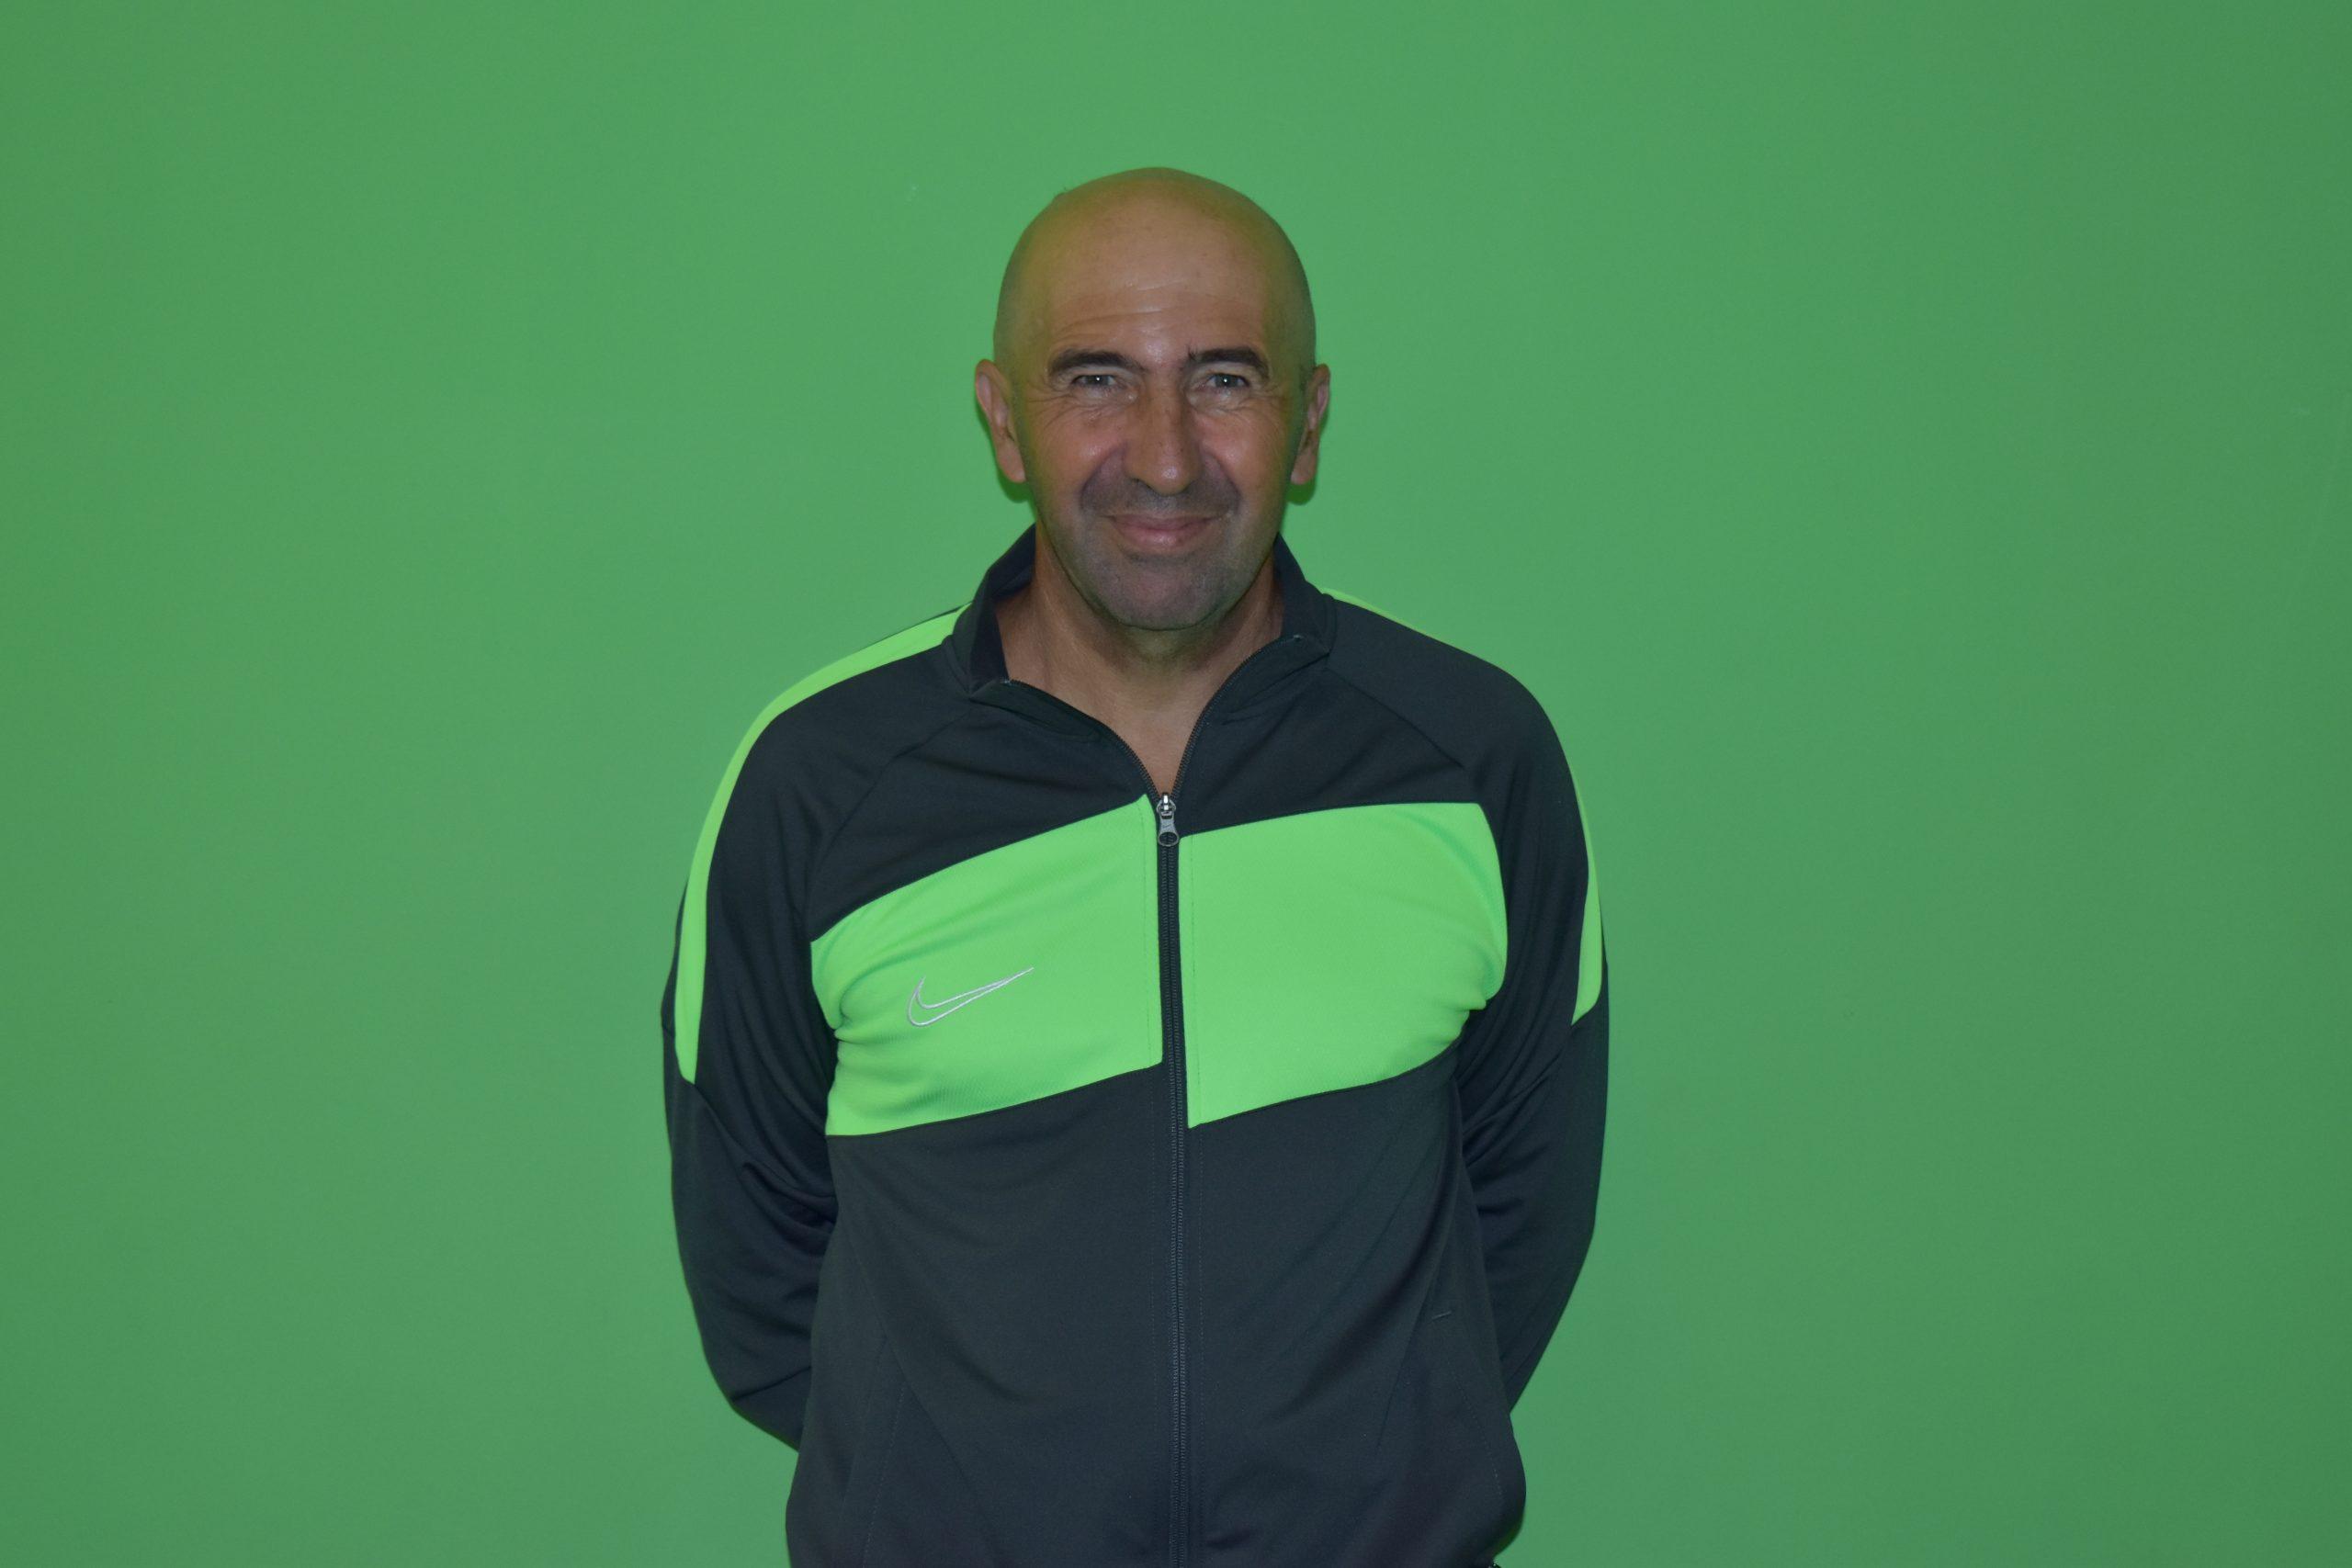 http://usepmm.fr/wp-content/uploads/2020/08/SILBERMANN-Olivier-scaled.jpg